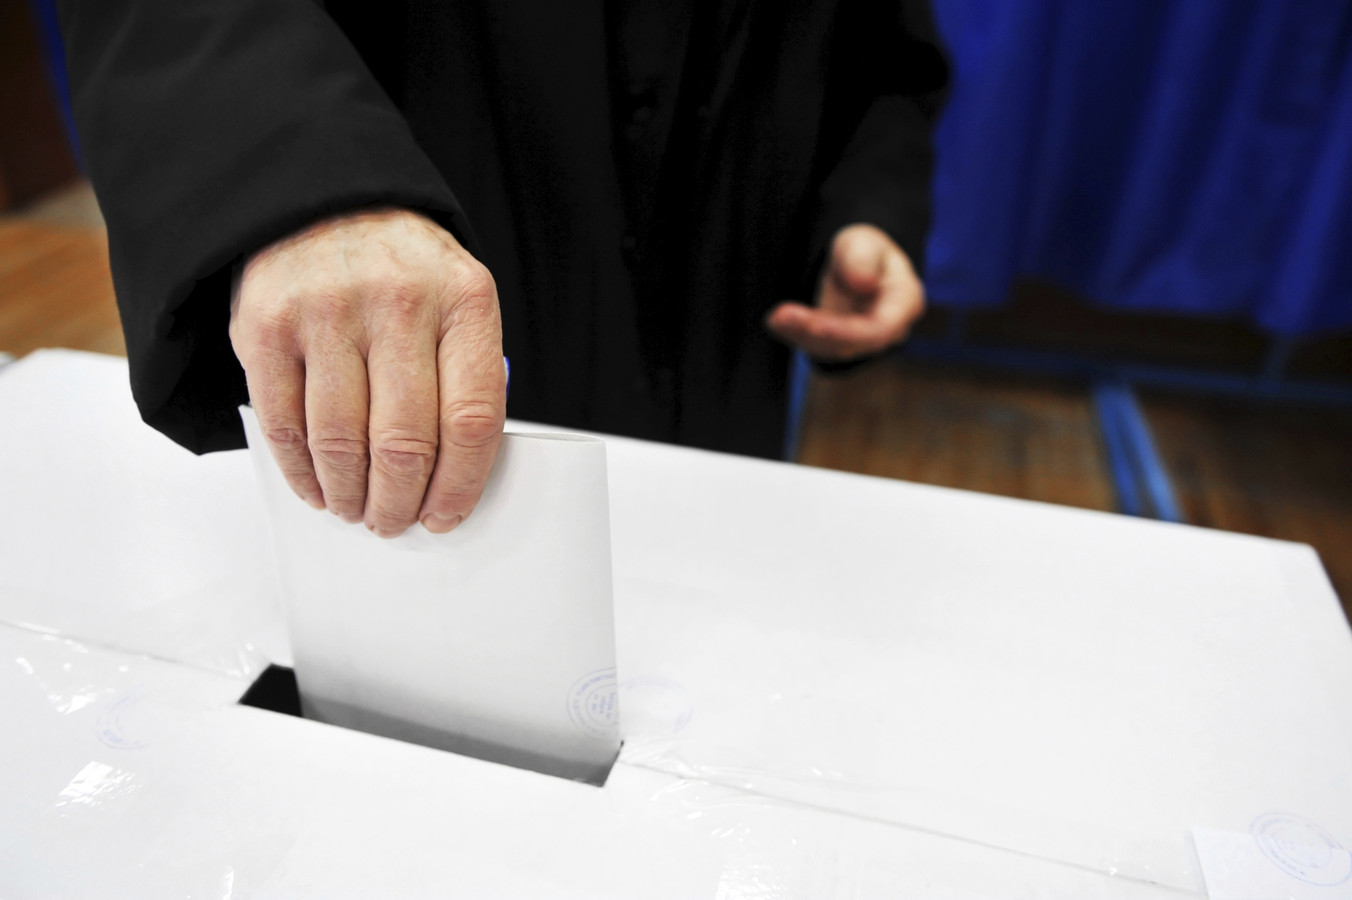 Volgens PVV Brabant zijn er de afgelopen jaren alleen maar redenen bijgekomen om provinciale referenda te gaan houden.